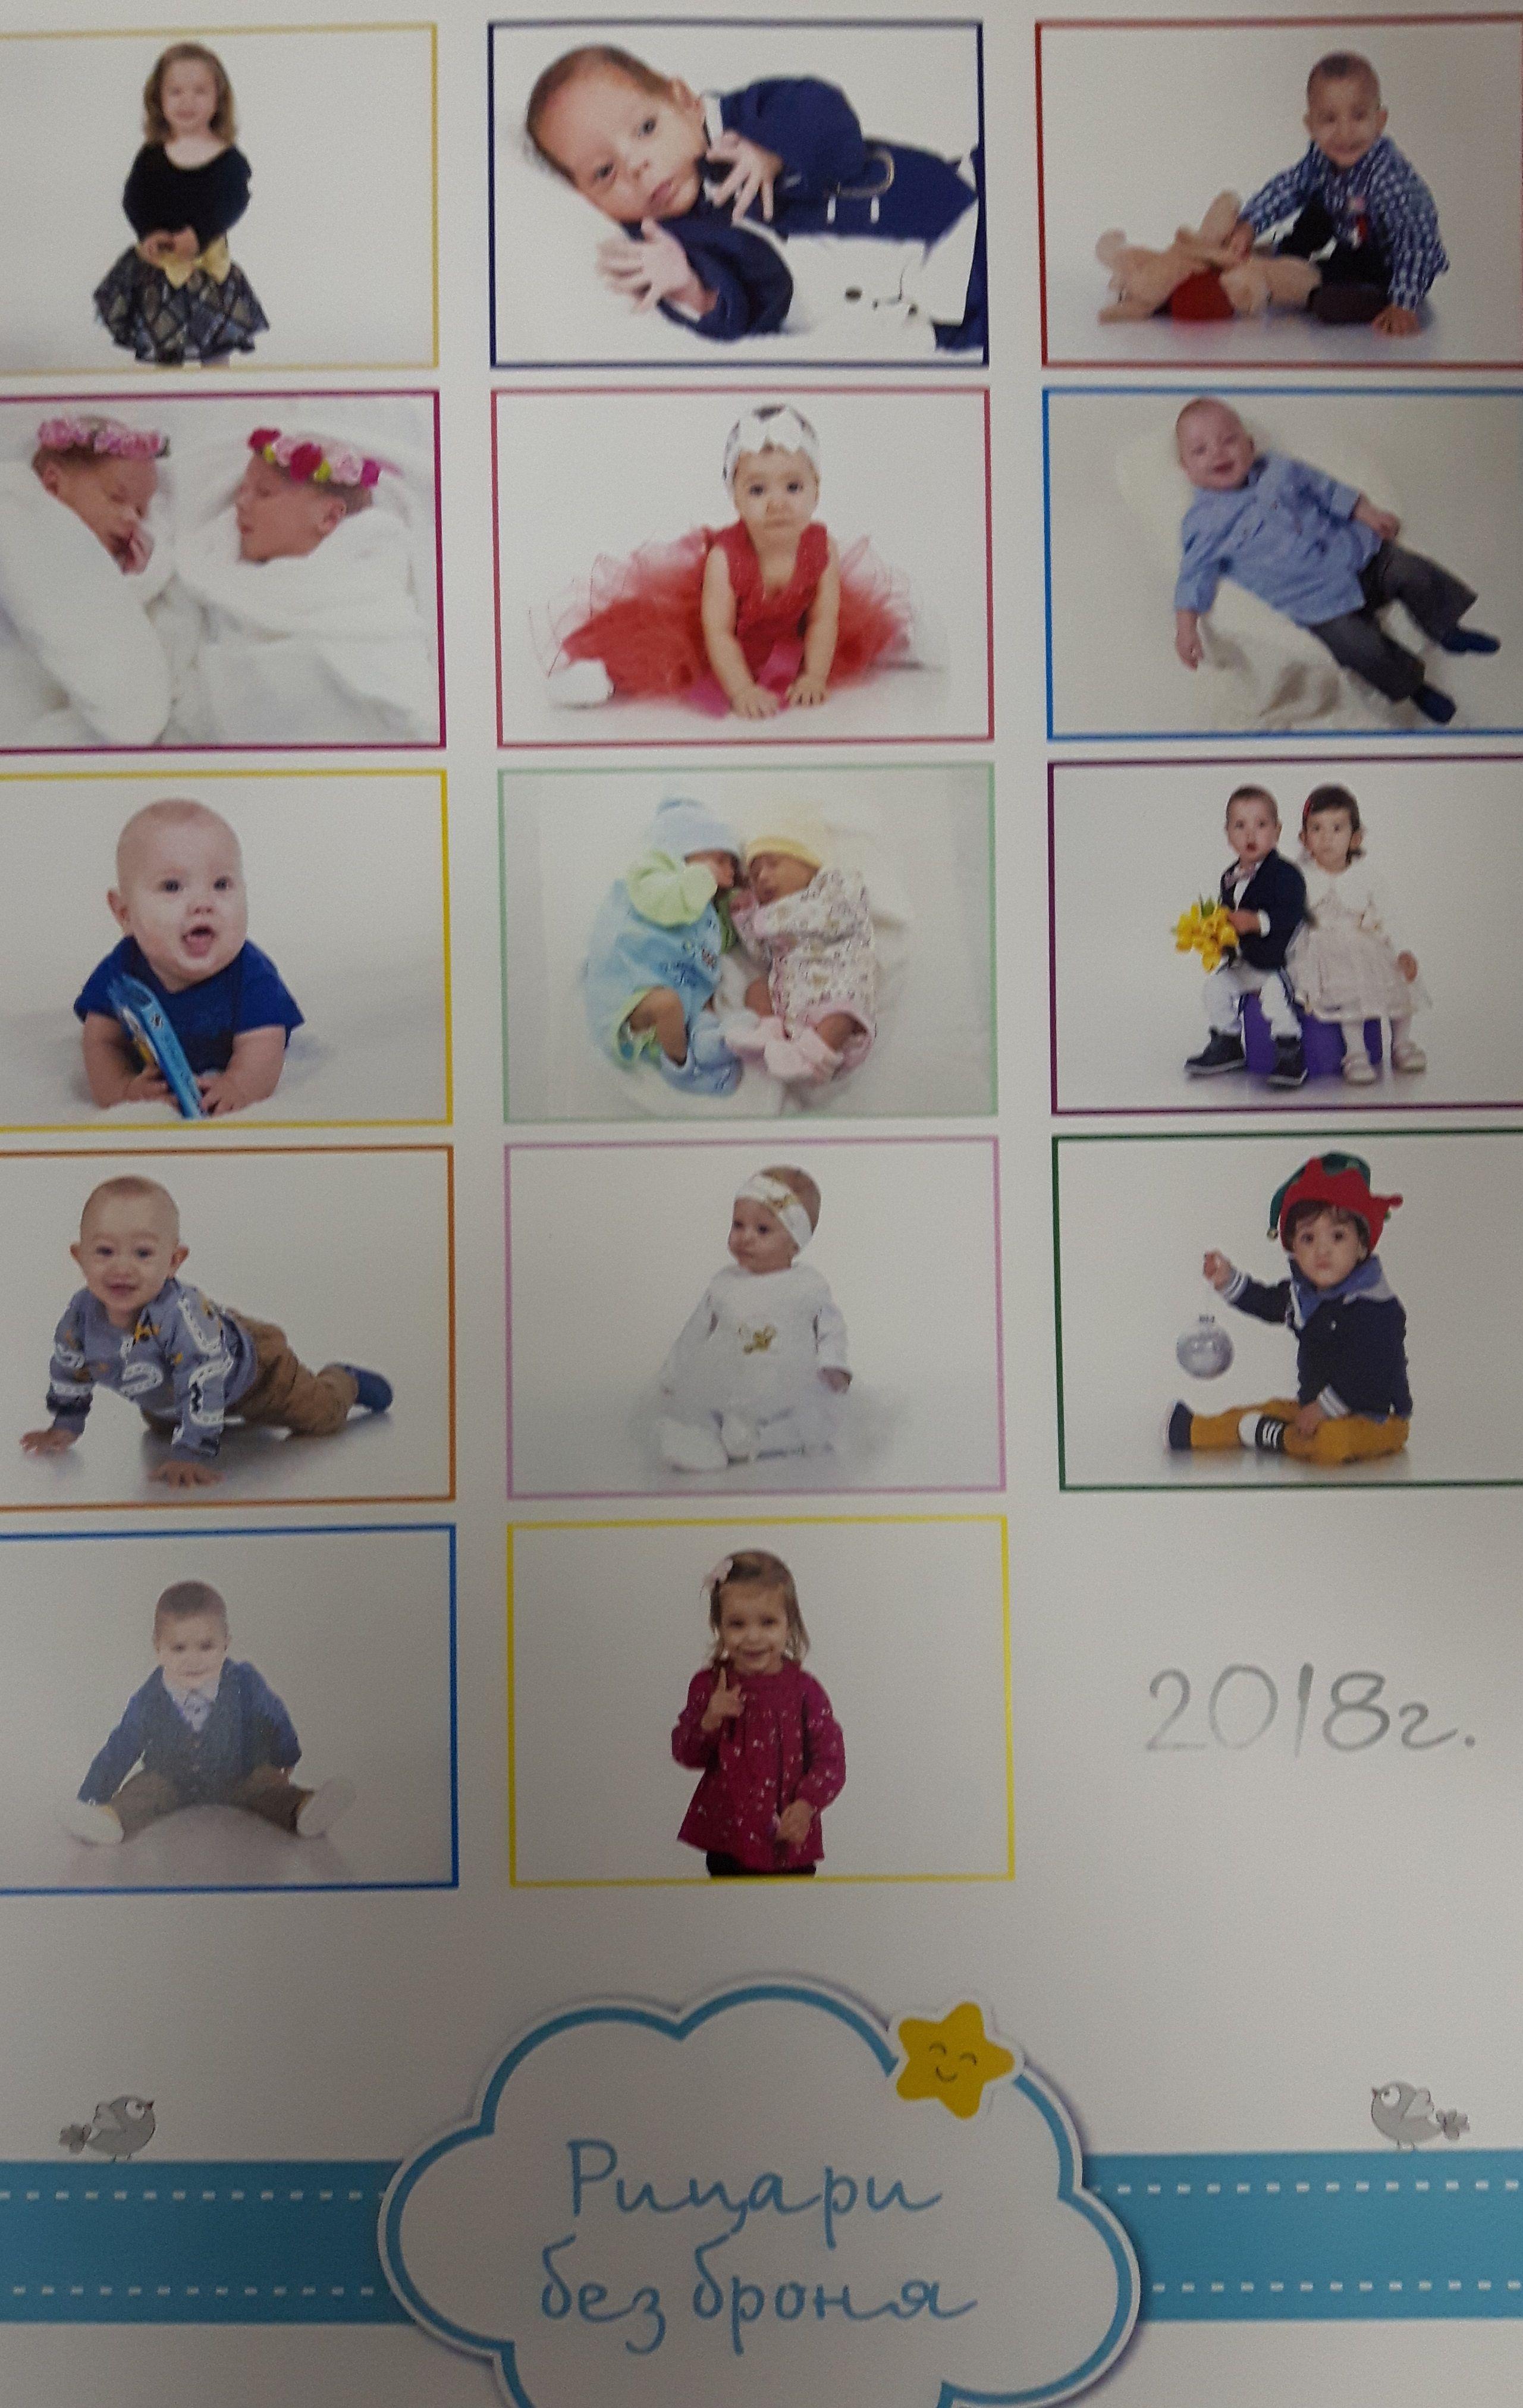 УМБАЛ Бургас: Поръчайте календар с недоносени бебета, за да им помогнете